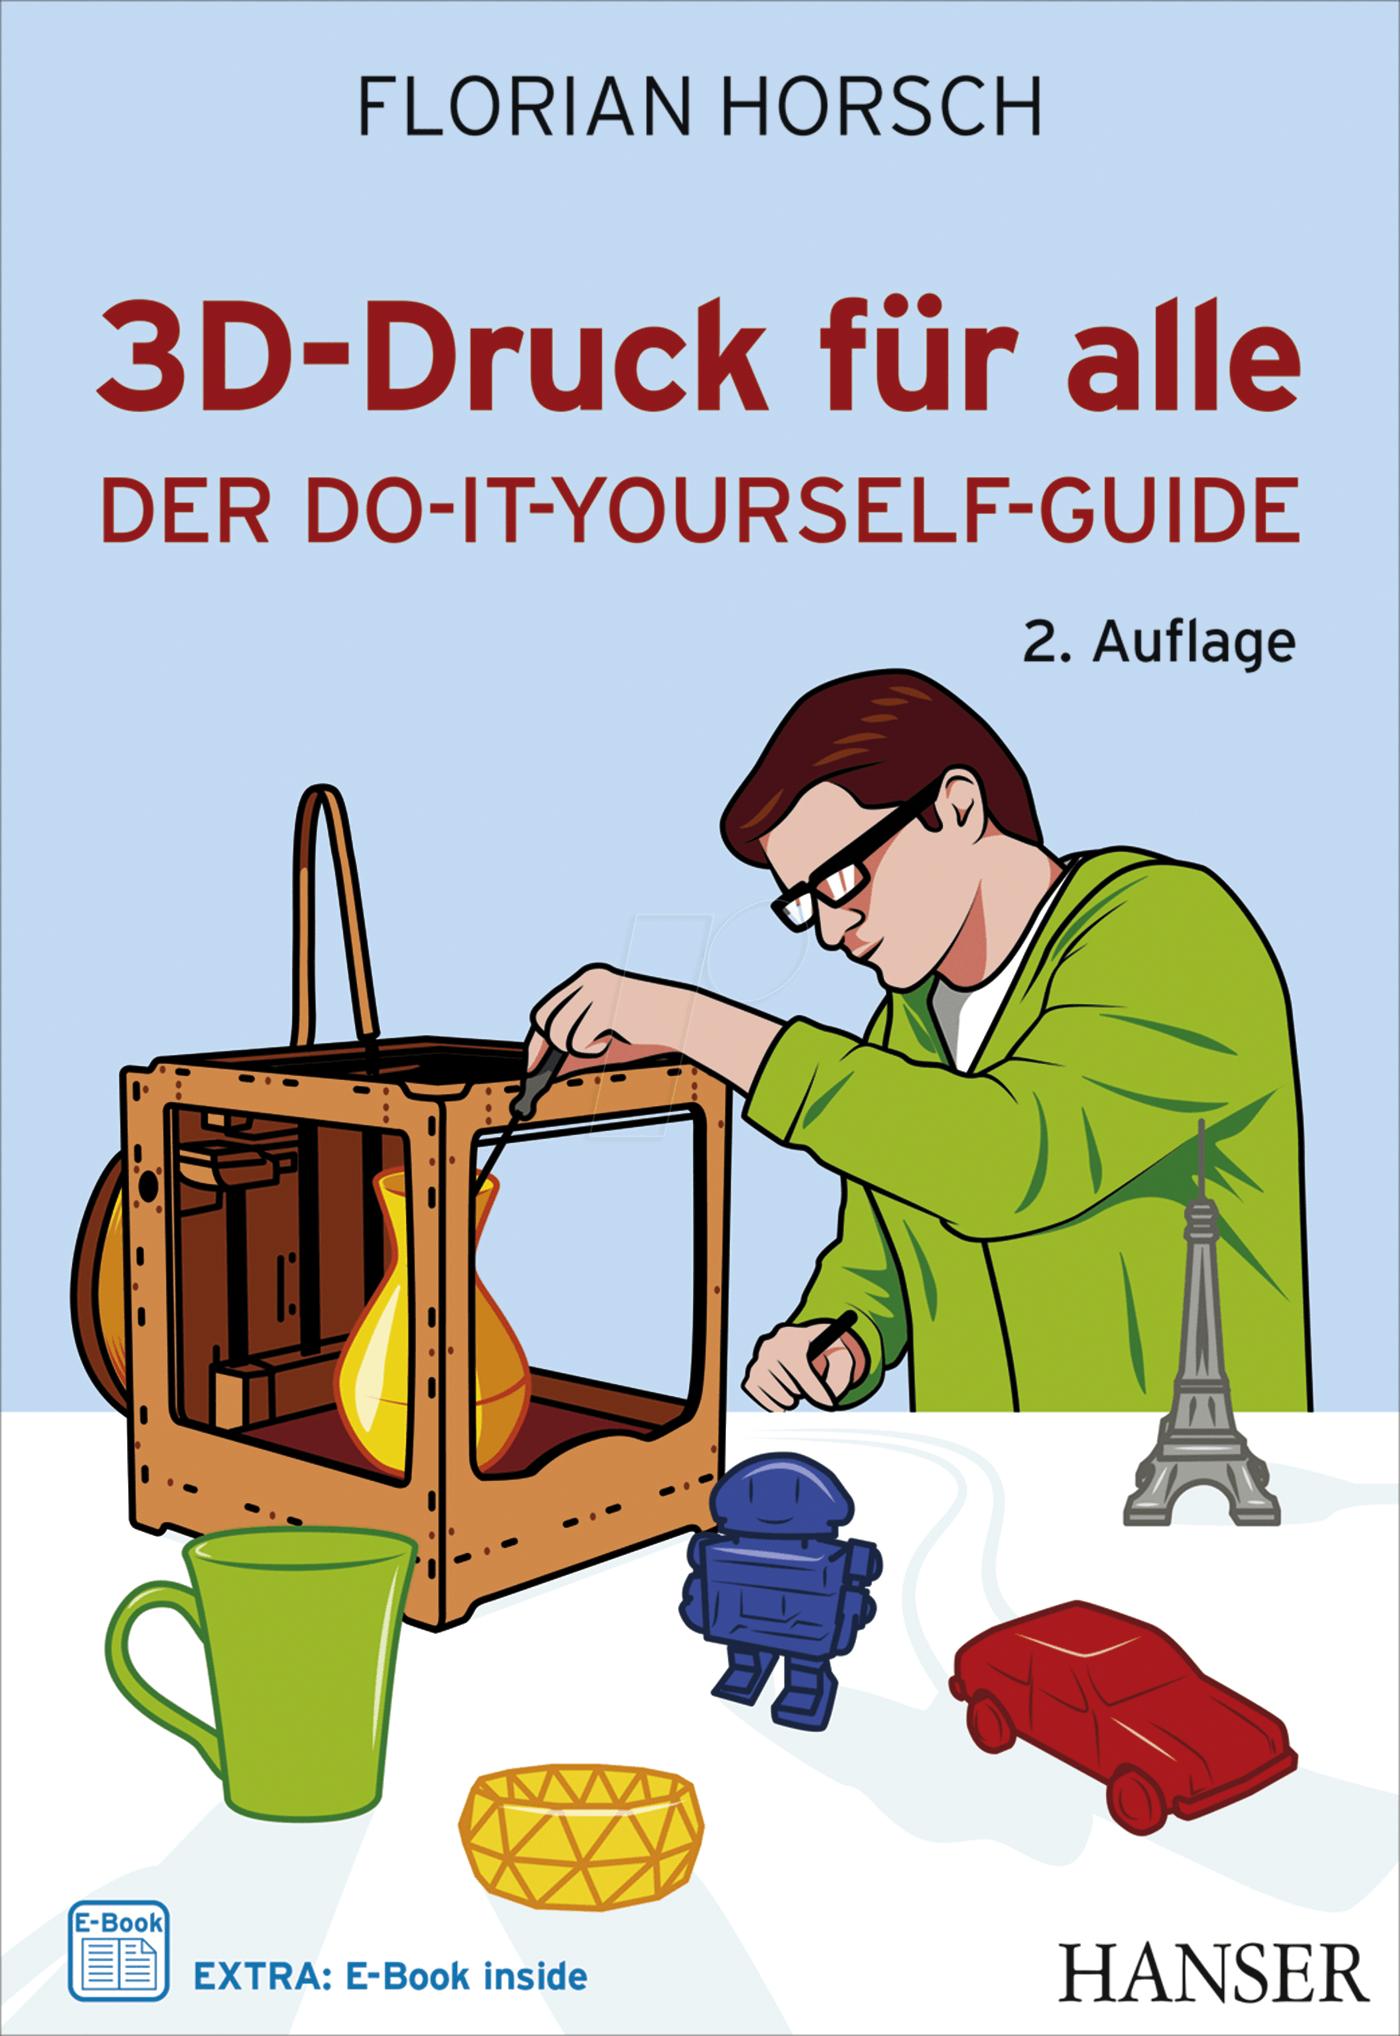 https://cdn-reichelt.de/bilder/web/xxl_ws/E400/ISBN_978-3-446-44261-0_01.png